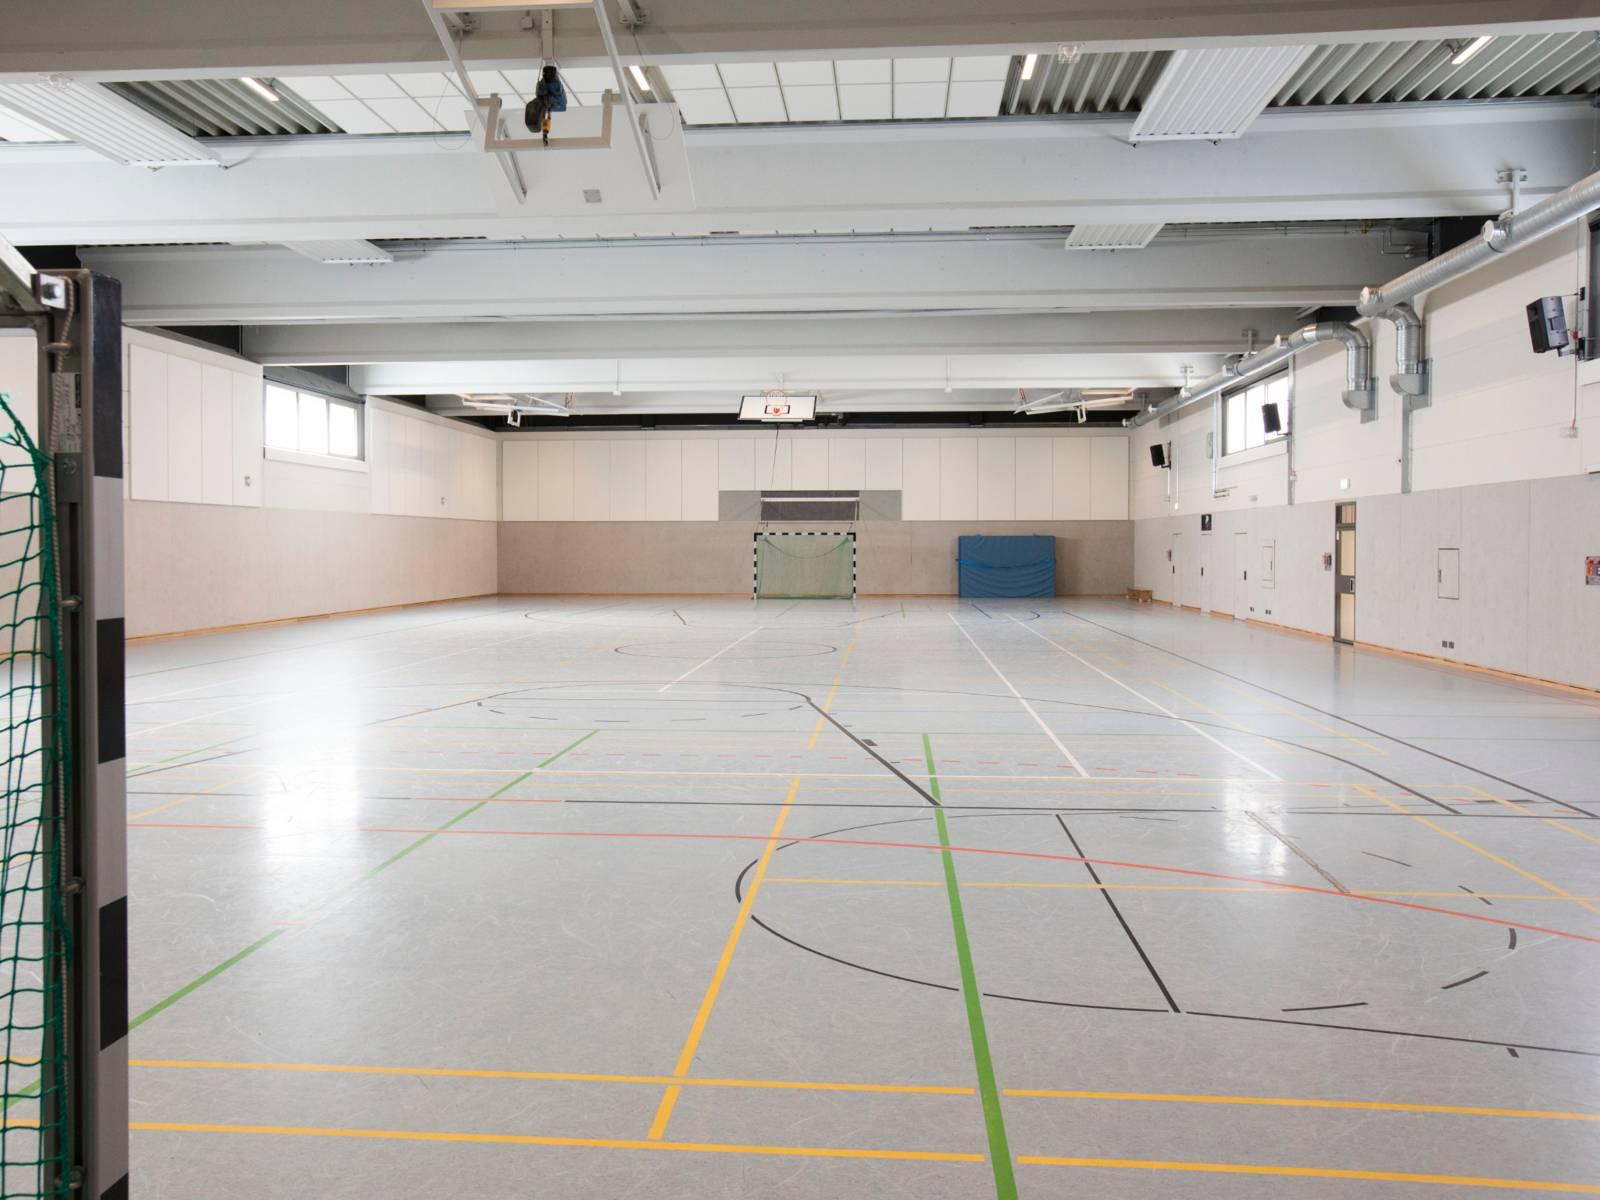 Blick in eine Sporthalle.